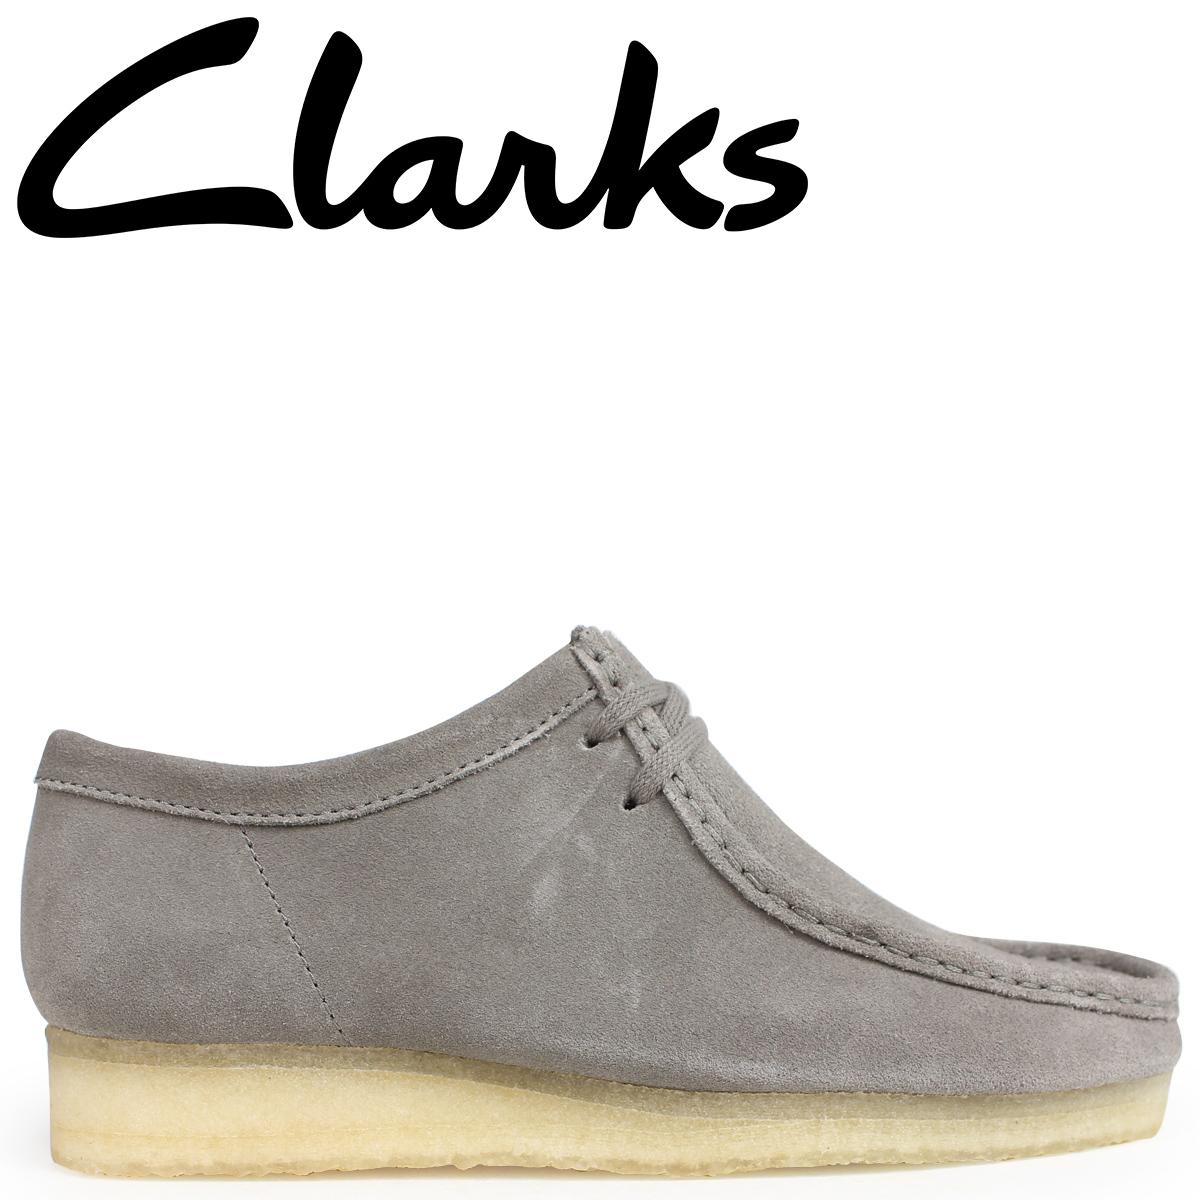 Clarks ワラビー ブーツ メンズ クラークス WALLABEE 26134752 グレー [9/19 新入荷]